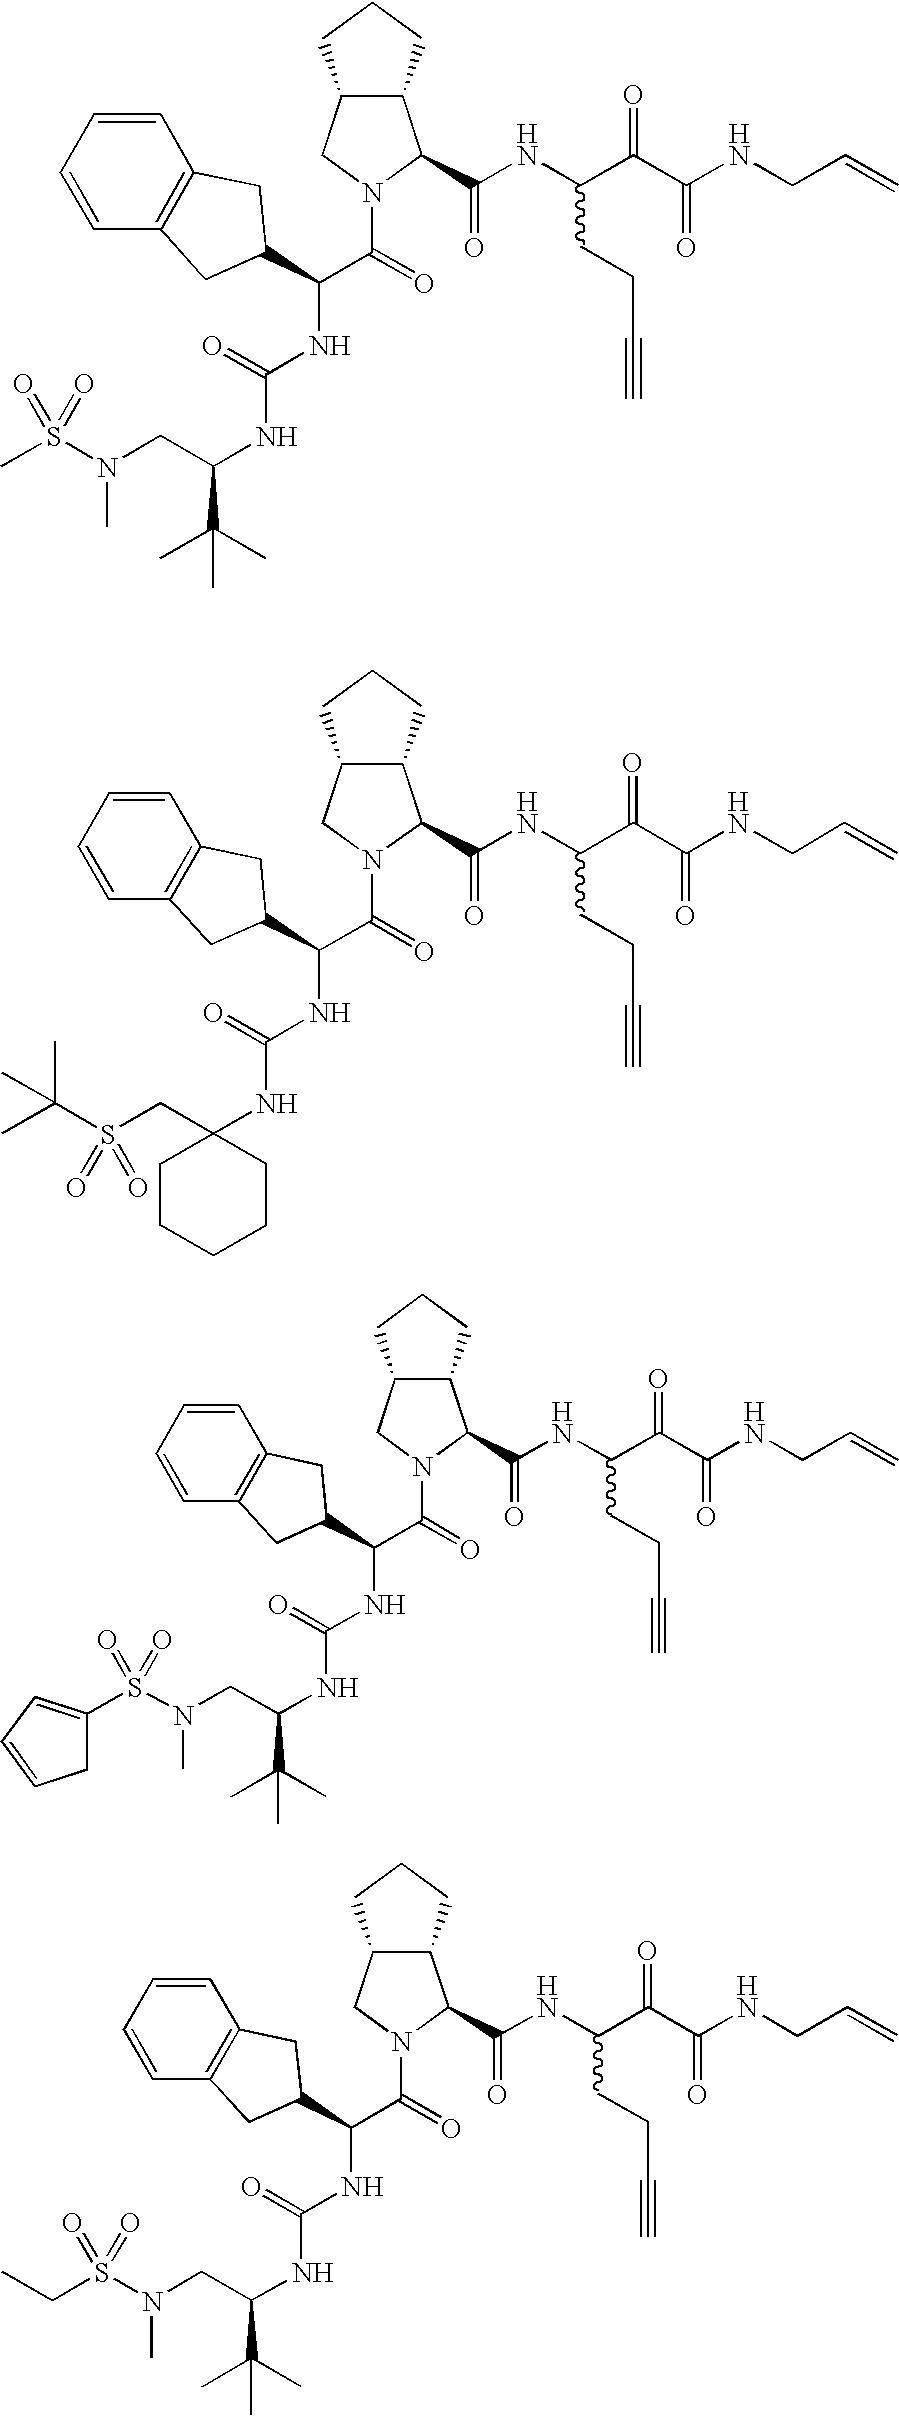 Figure US20060287248A1-20061221-C00546